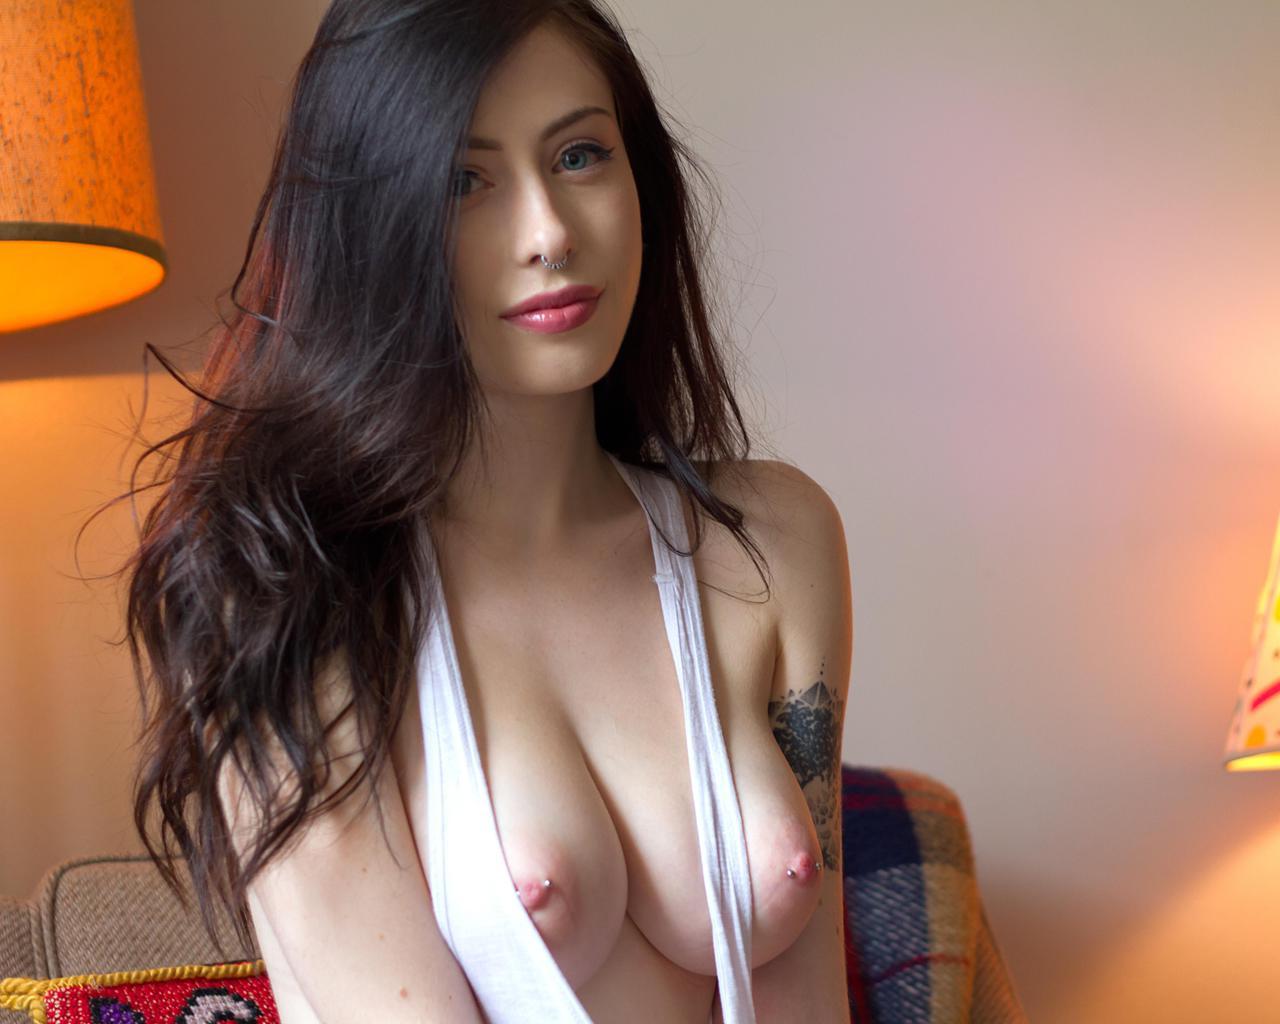 Big tits pierced nipples blonde milf 6